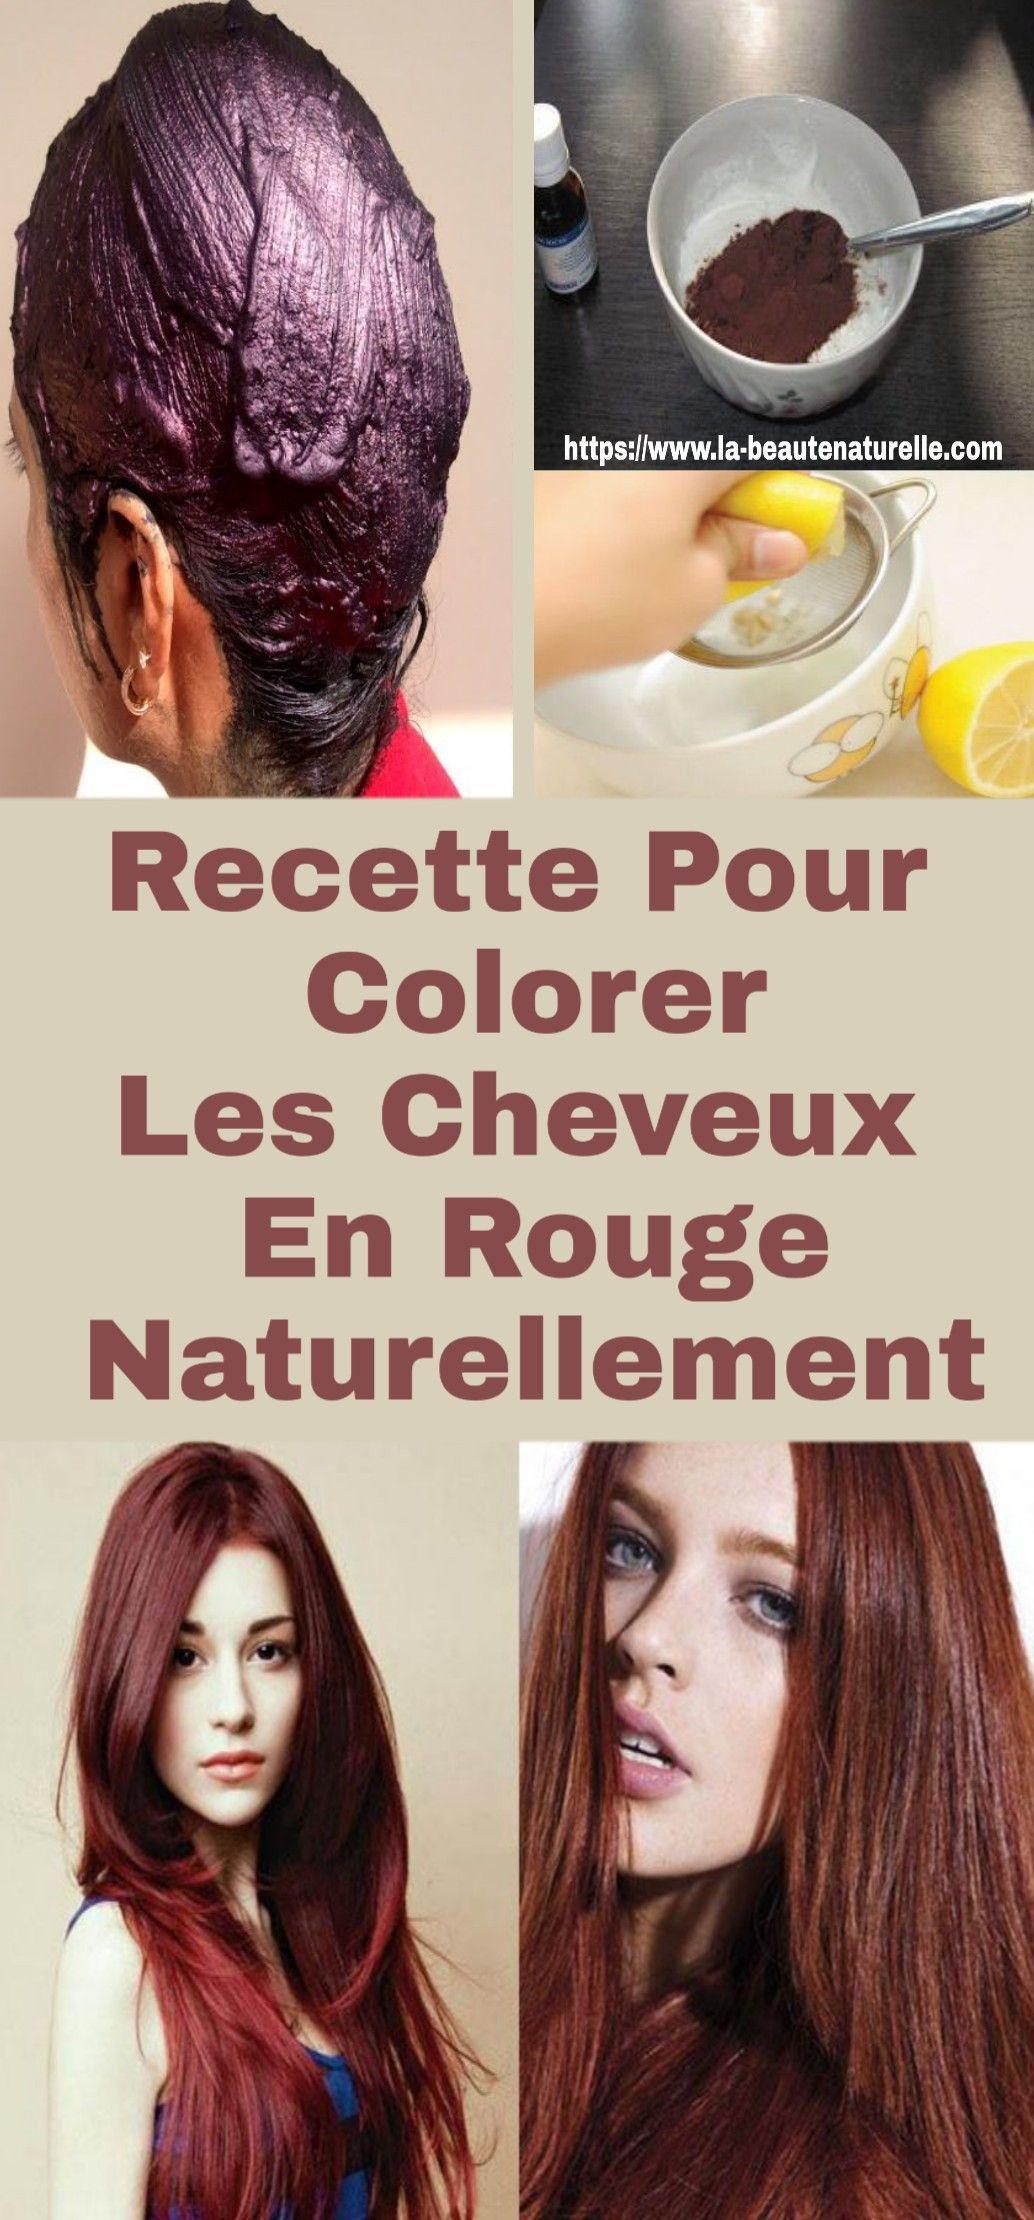 Eclaircir ses cheveux rouge naturellement